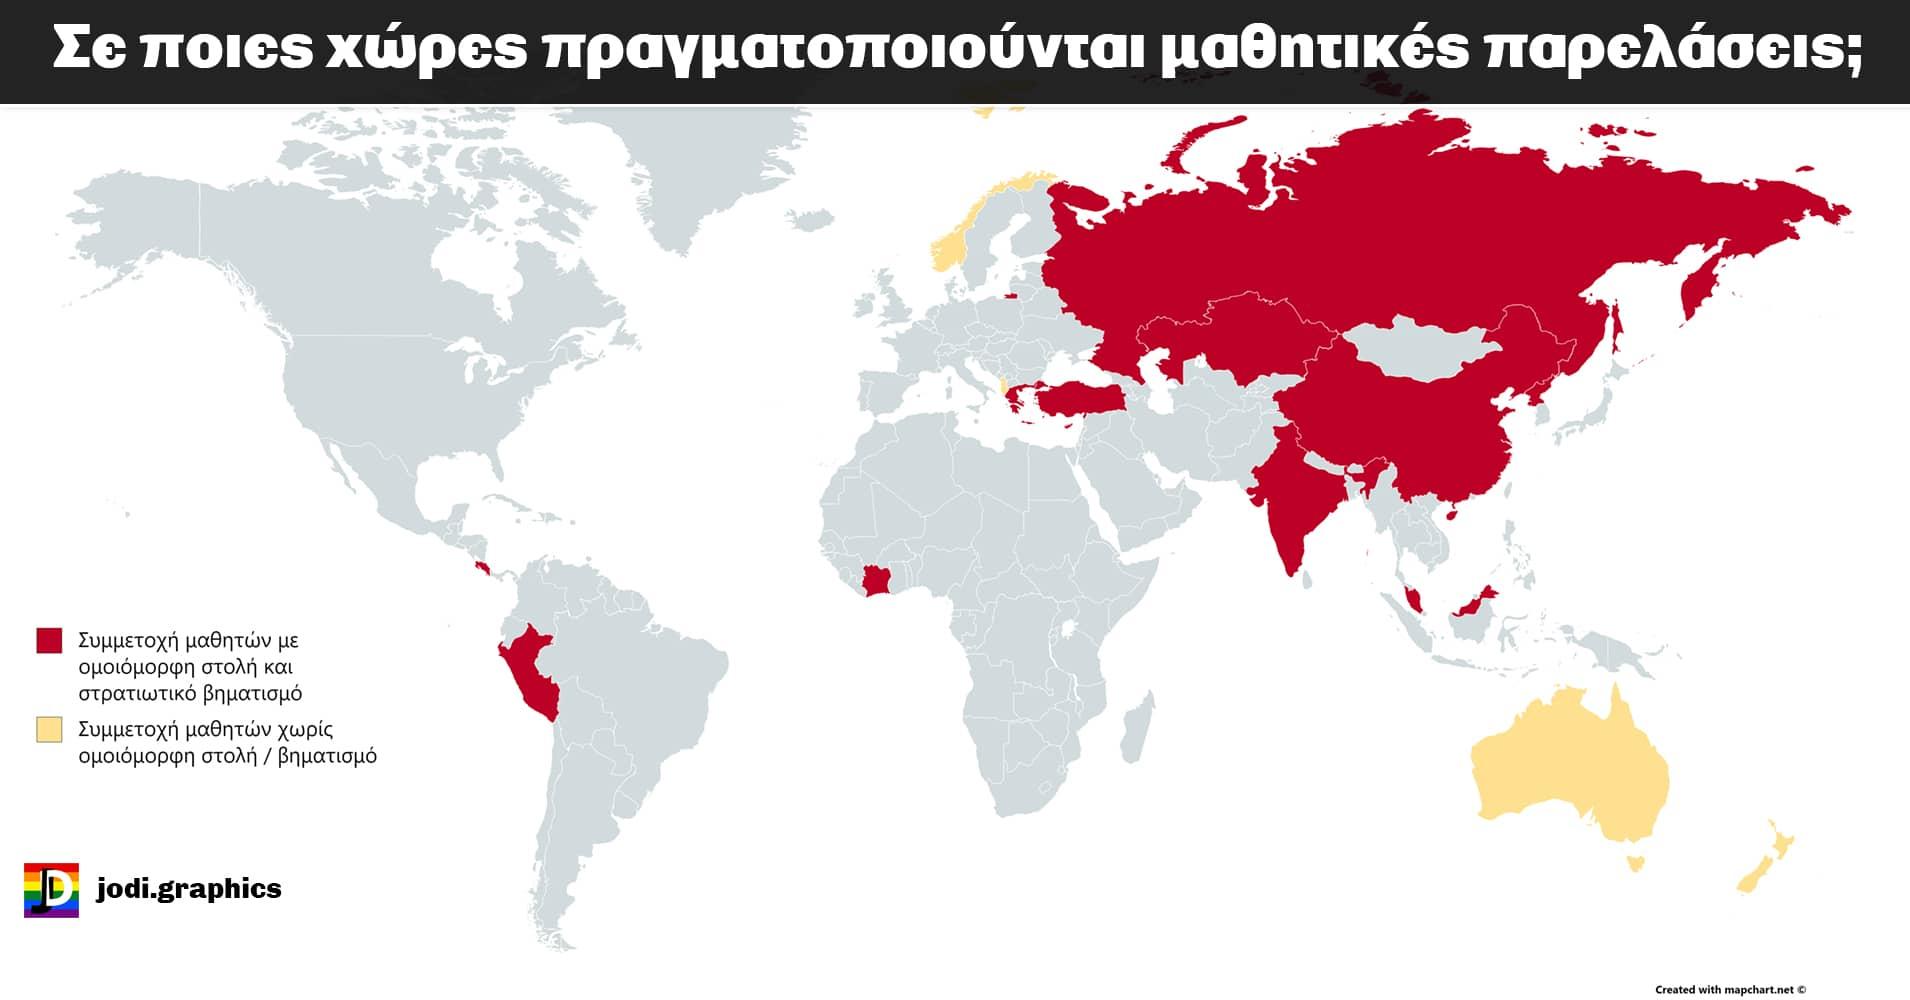 Σε ποιες άλλες χώρες του κόσμου γίνονται ακόμα μαθητικές παρελάσεις στρατιωτικού τύπου;